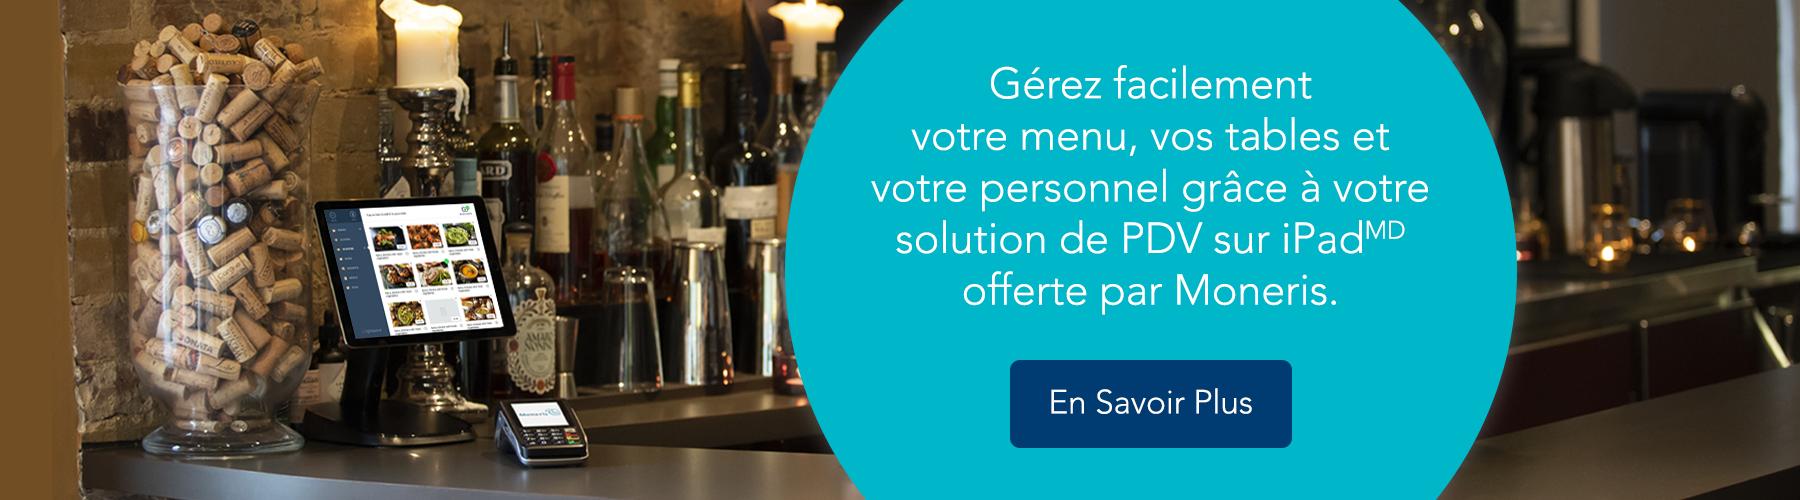 Gérez facilement votre menu, vos tables et votre personnel grâce à votre solution de PDV sur iPadMD offerte par Moneris. Apprenez-en davantage